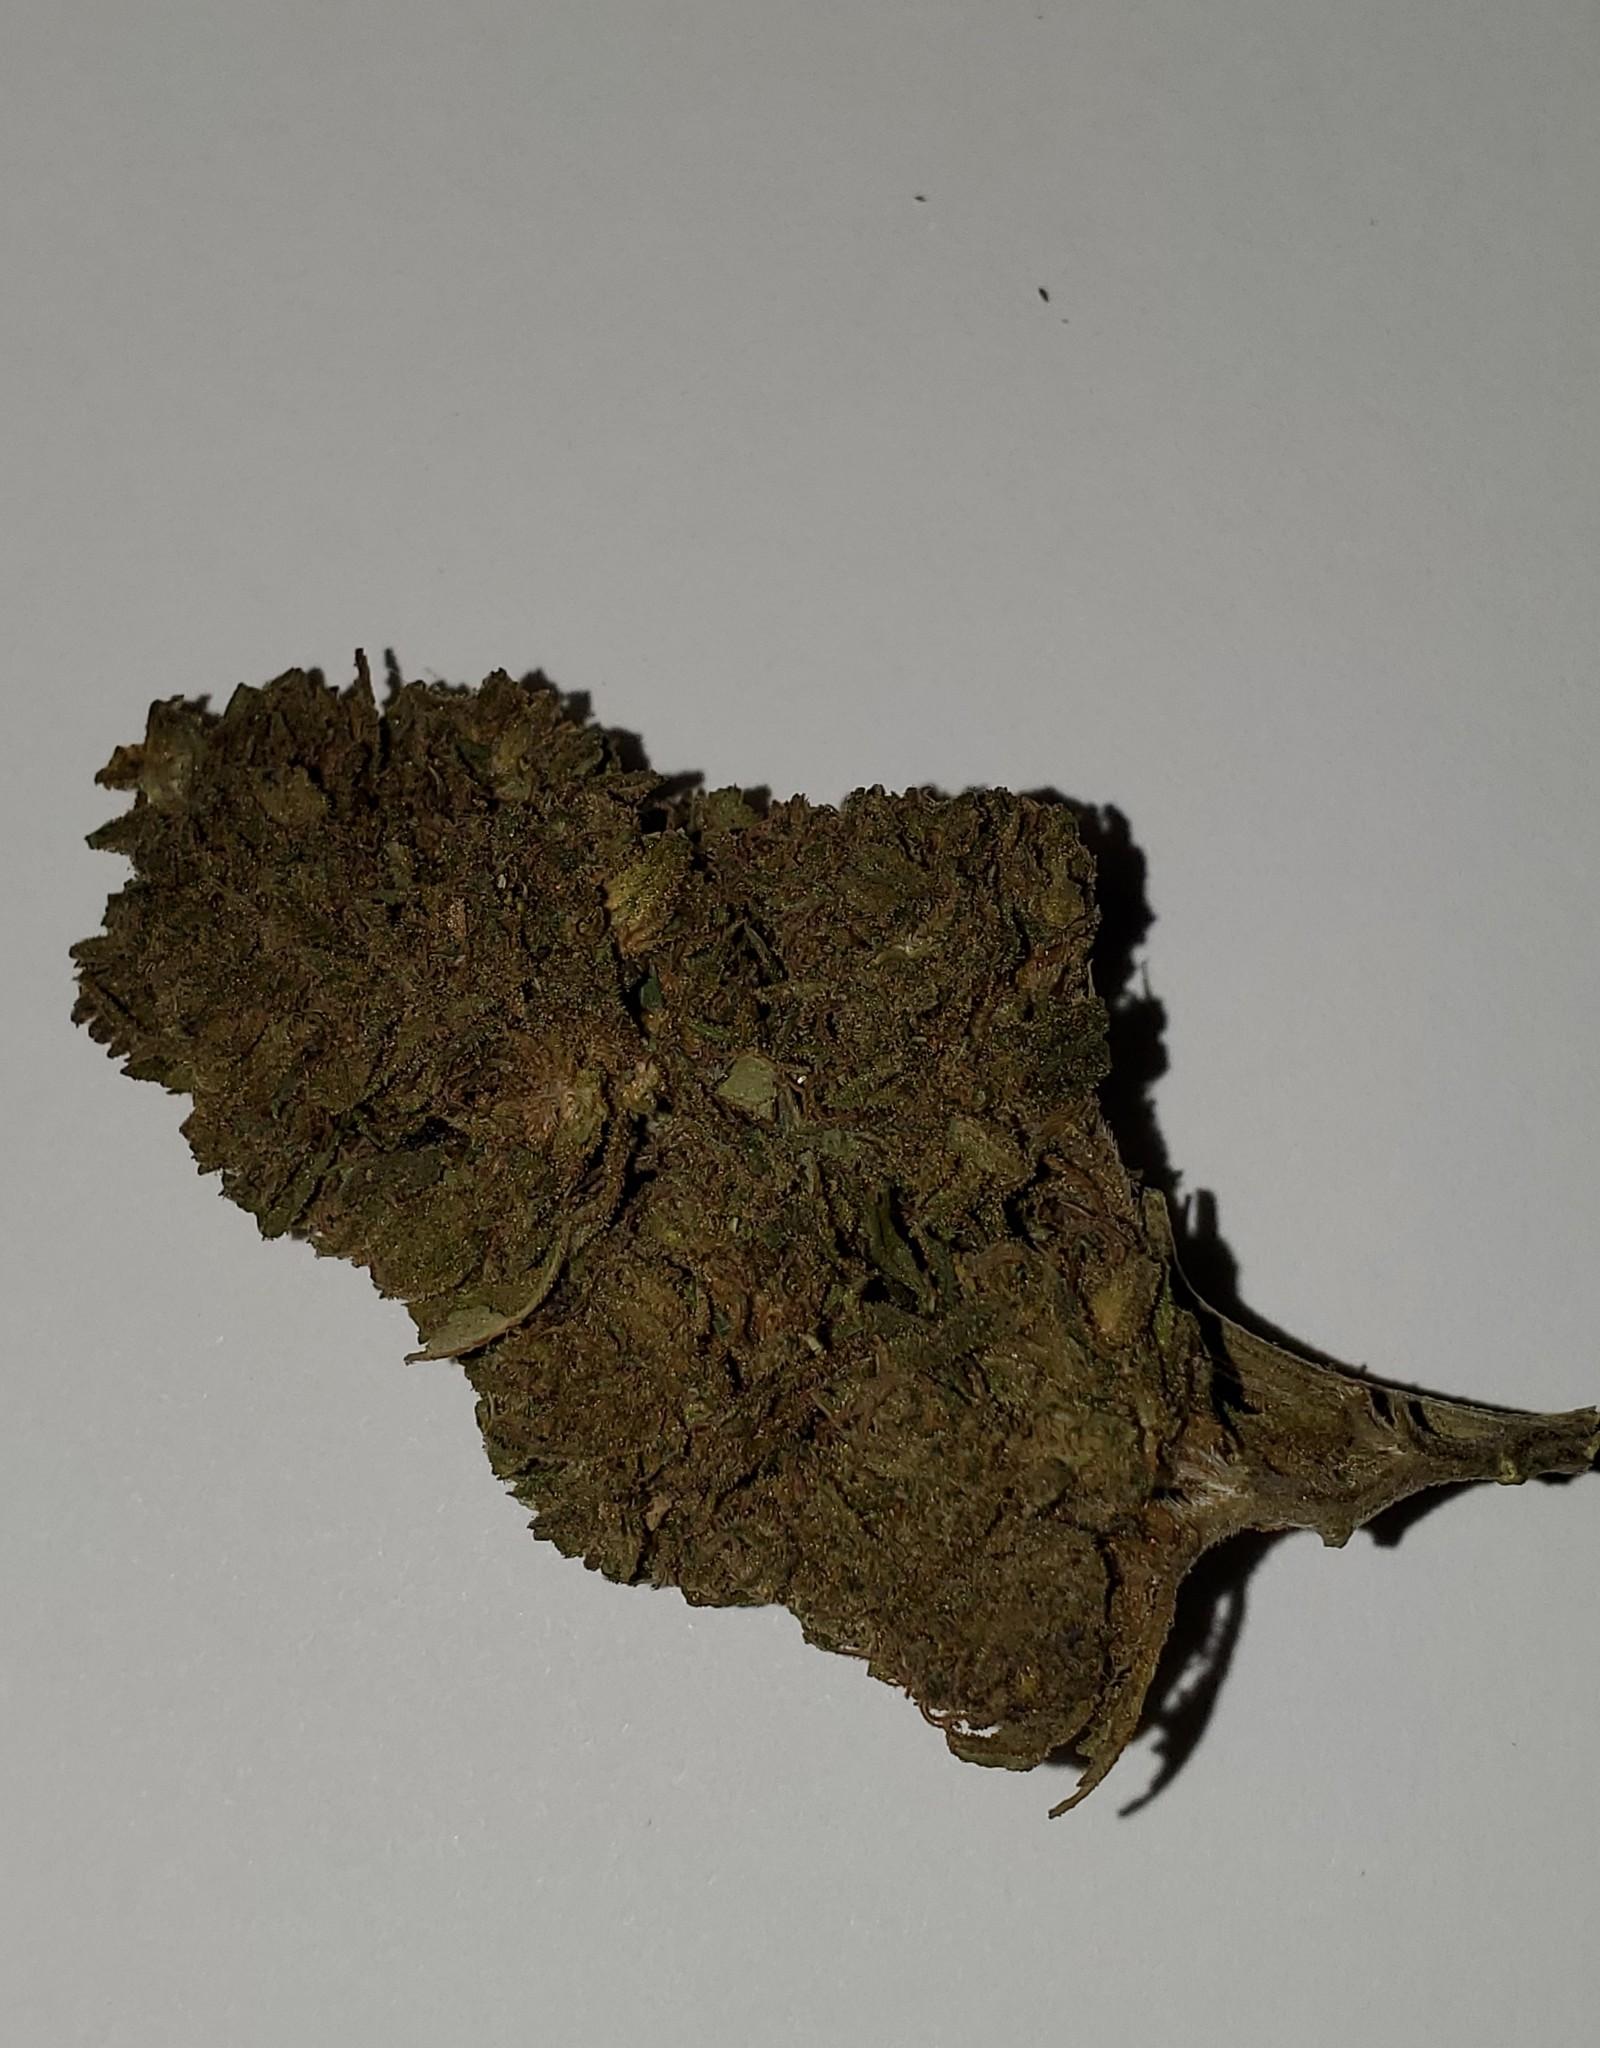 Hometown Greens T2 (Stormy Daniels) Hemp Flower - Single Pre-Roll (0.8g)